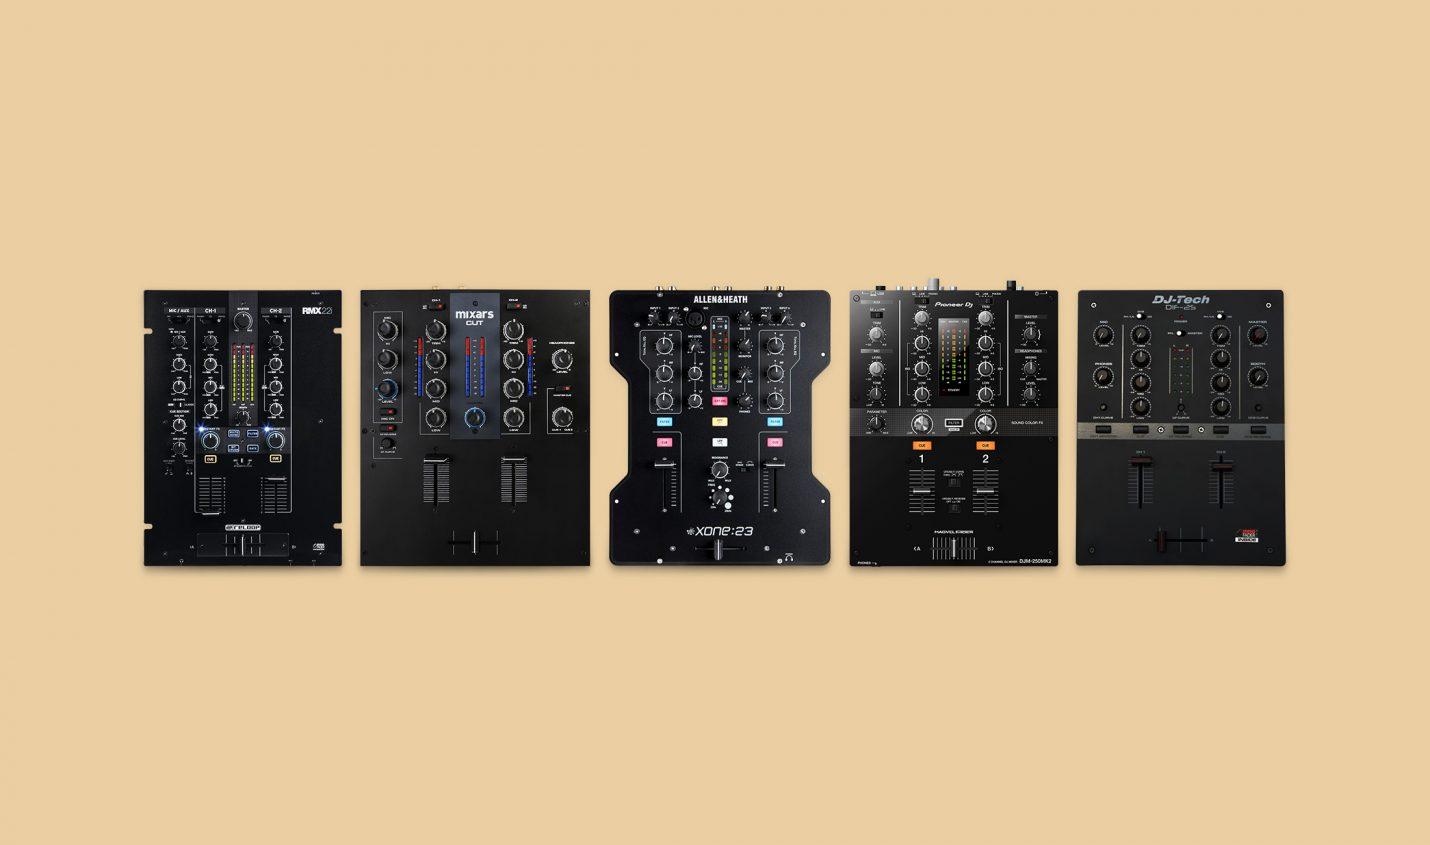 Überblick: Die fünf besten DJ-Mixer für Einsteiger | 2021